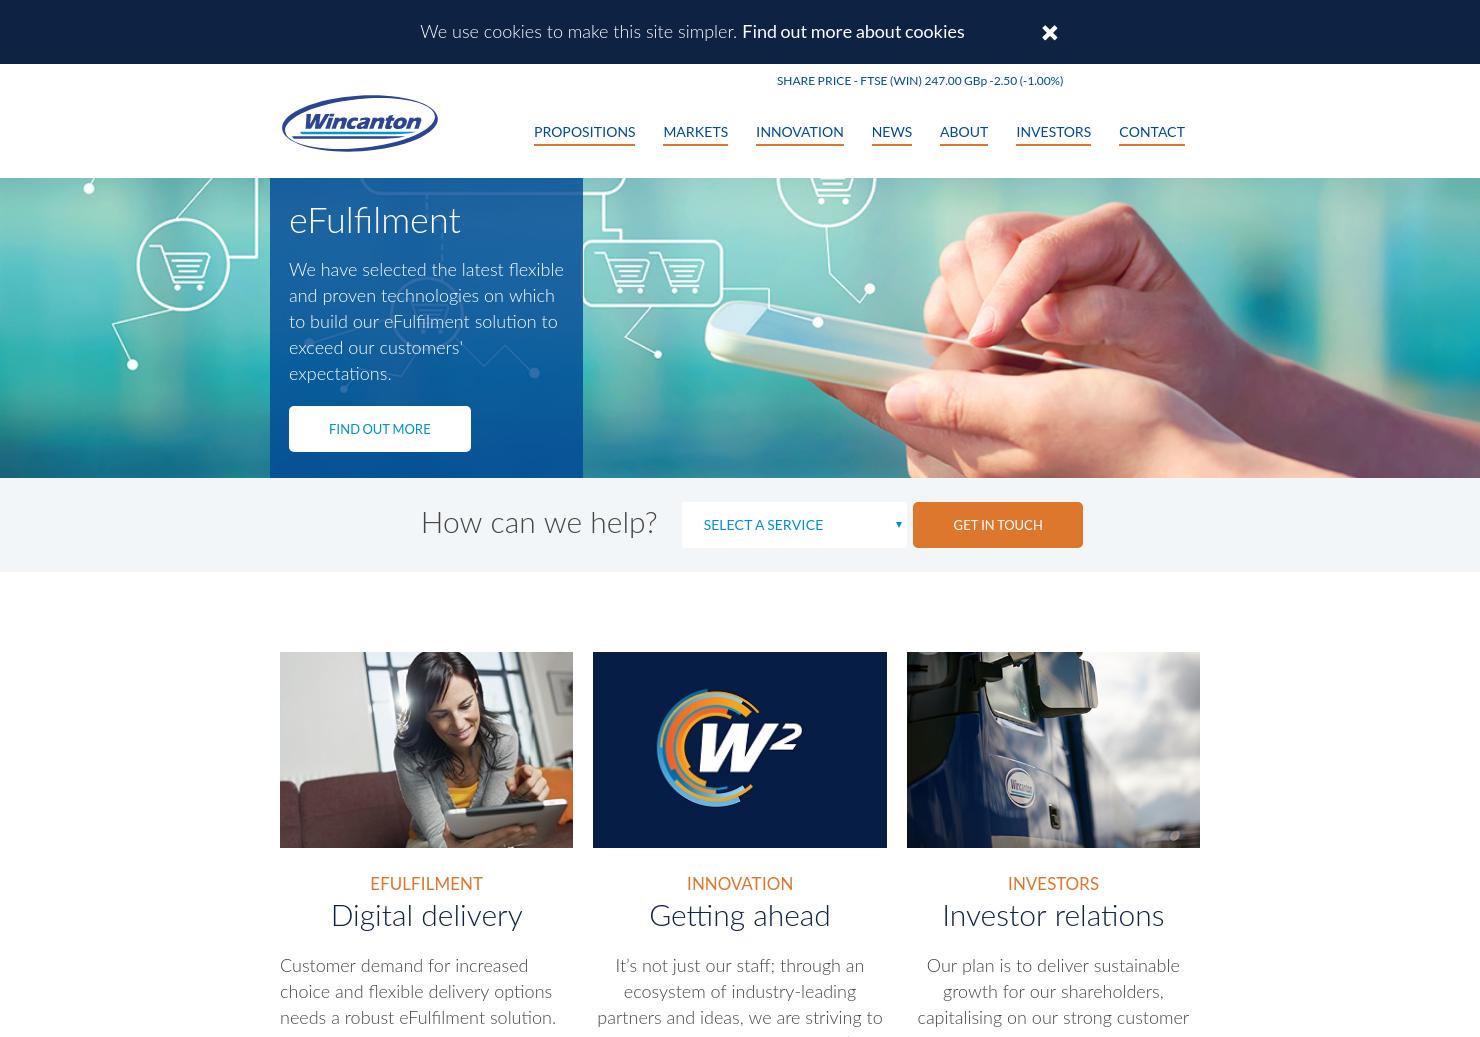 Wincanton Home Page